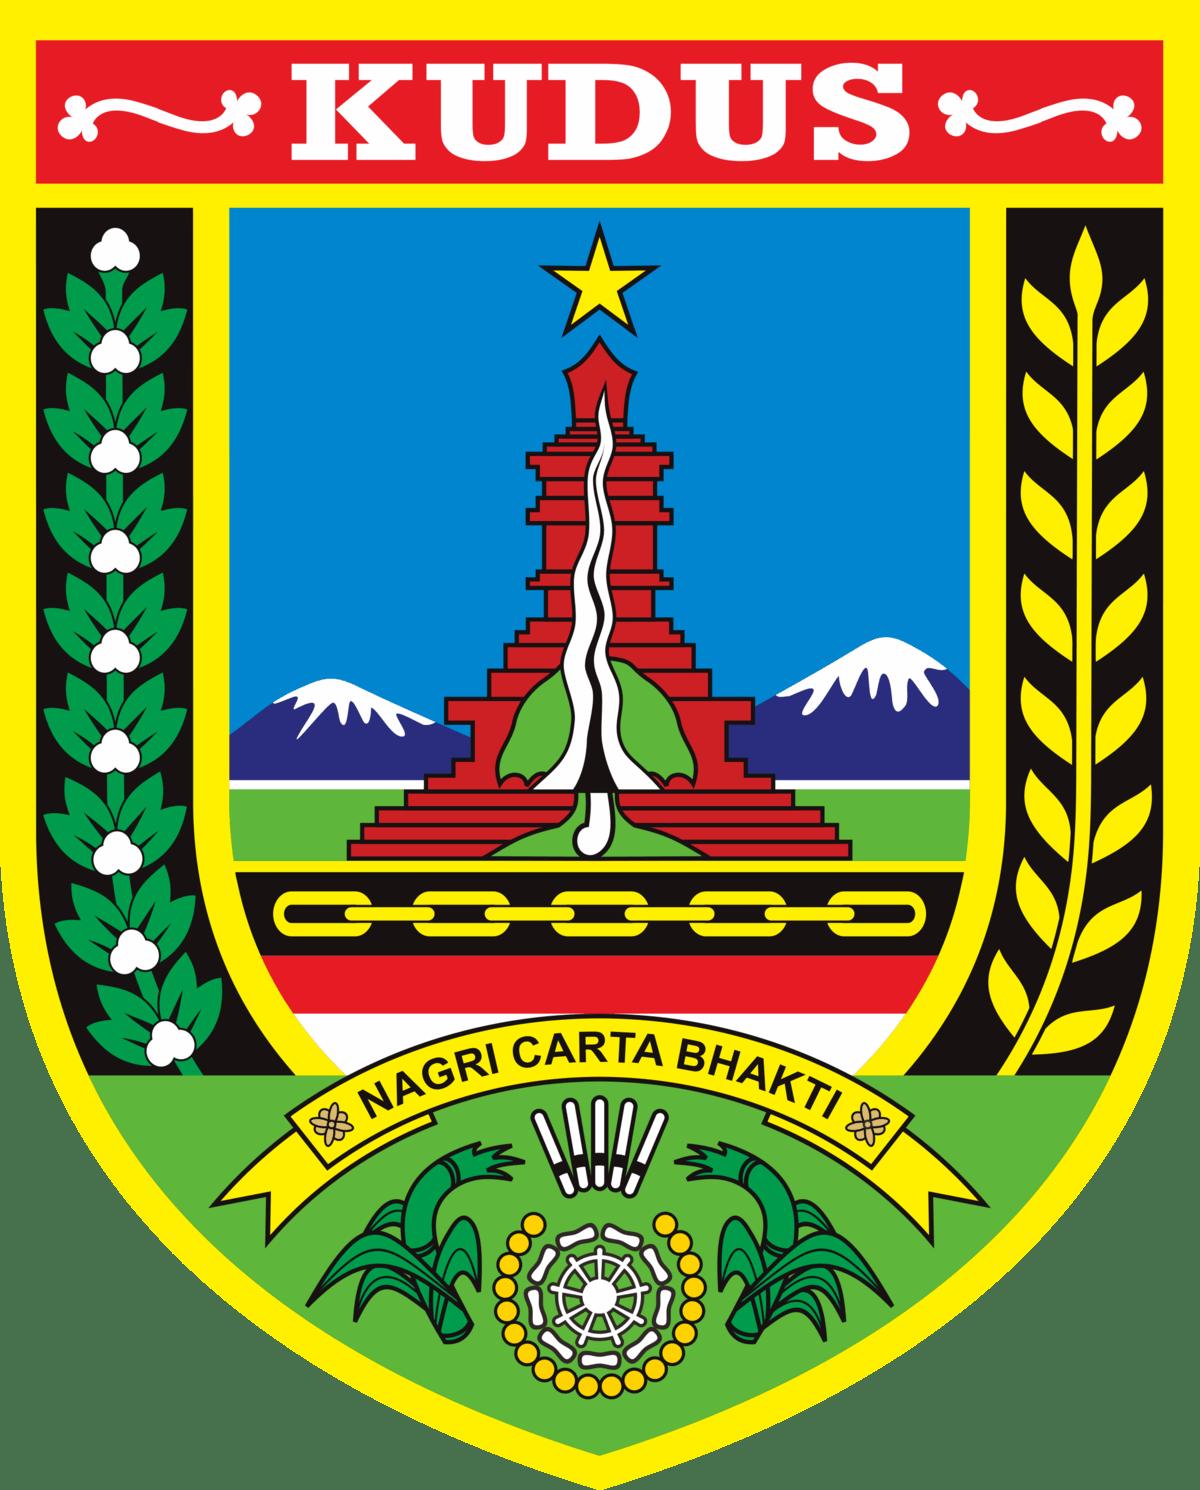 Logo Kabupaten Kudus : kabupaten, kudus, File:Lambang, Kabupaten, Kudus.png, Wikimedia, Commons